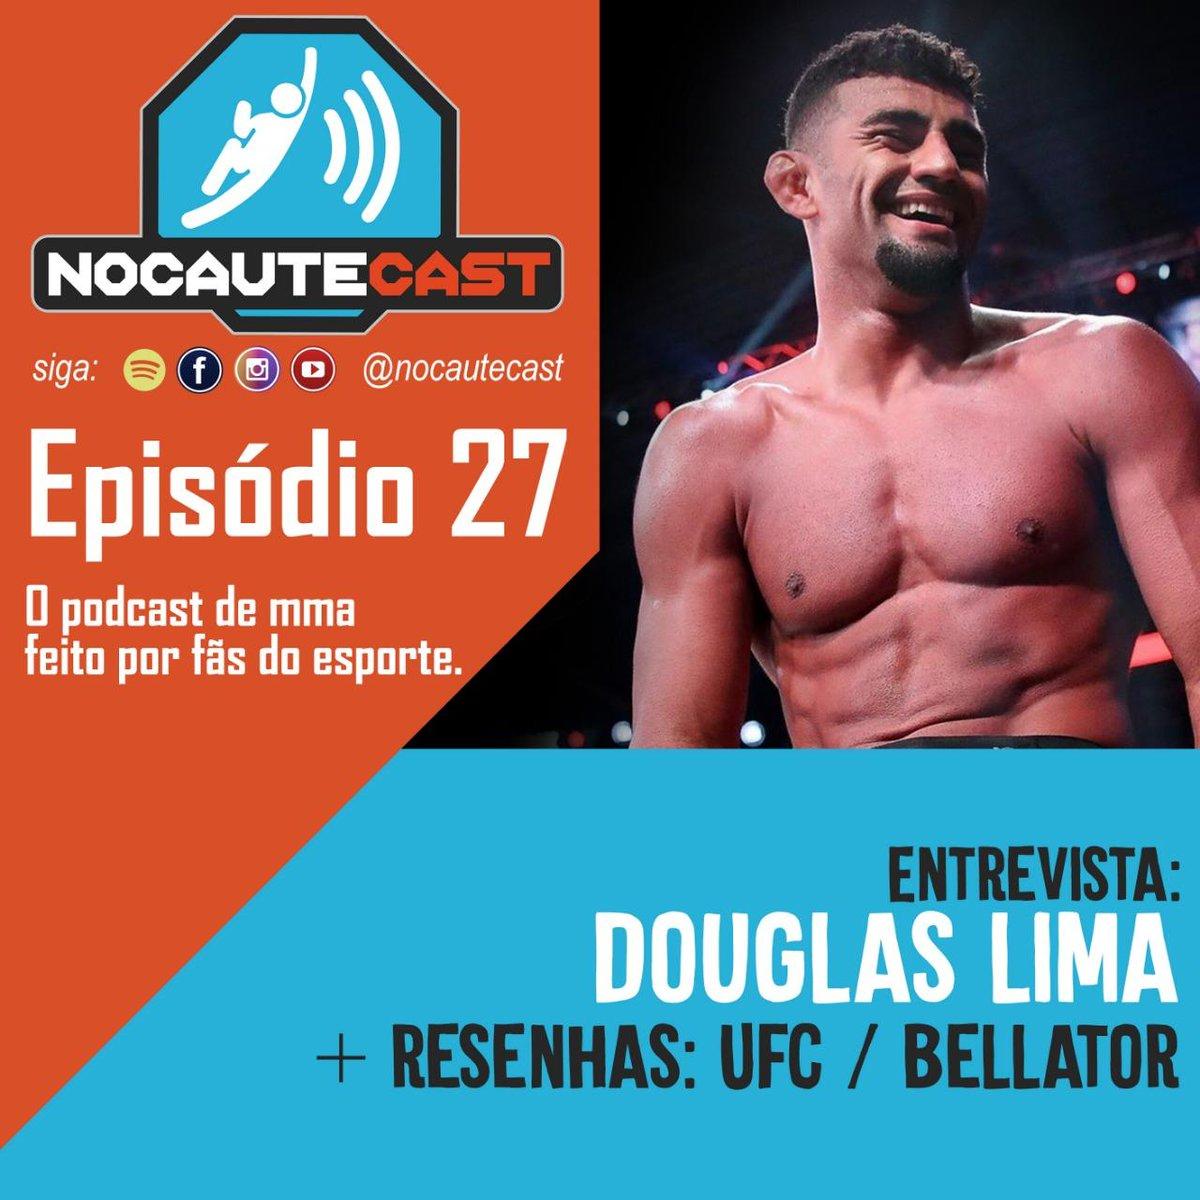 Episodio novo do NocauteCast!! - Entrevista com @PhenomLima e resenha do ufc 123.   https://youtu.be/XMxS0rDwhAc